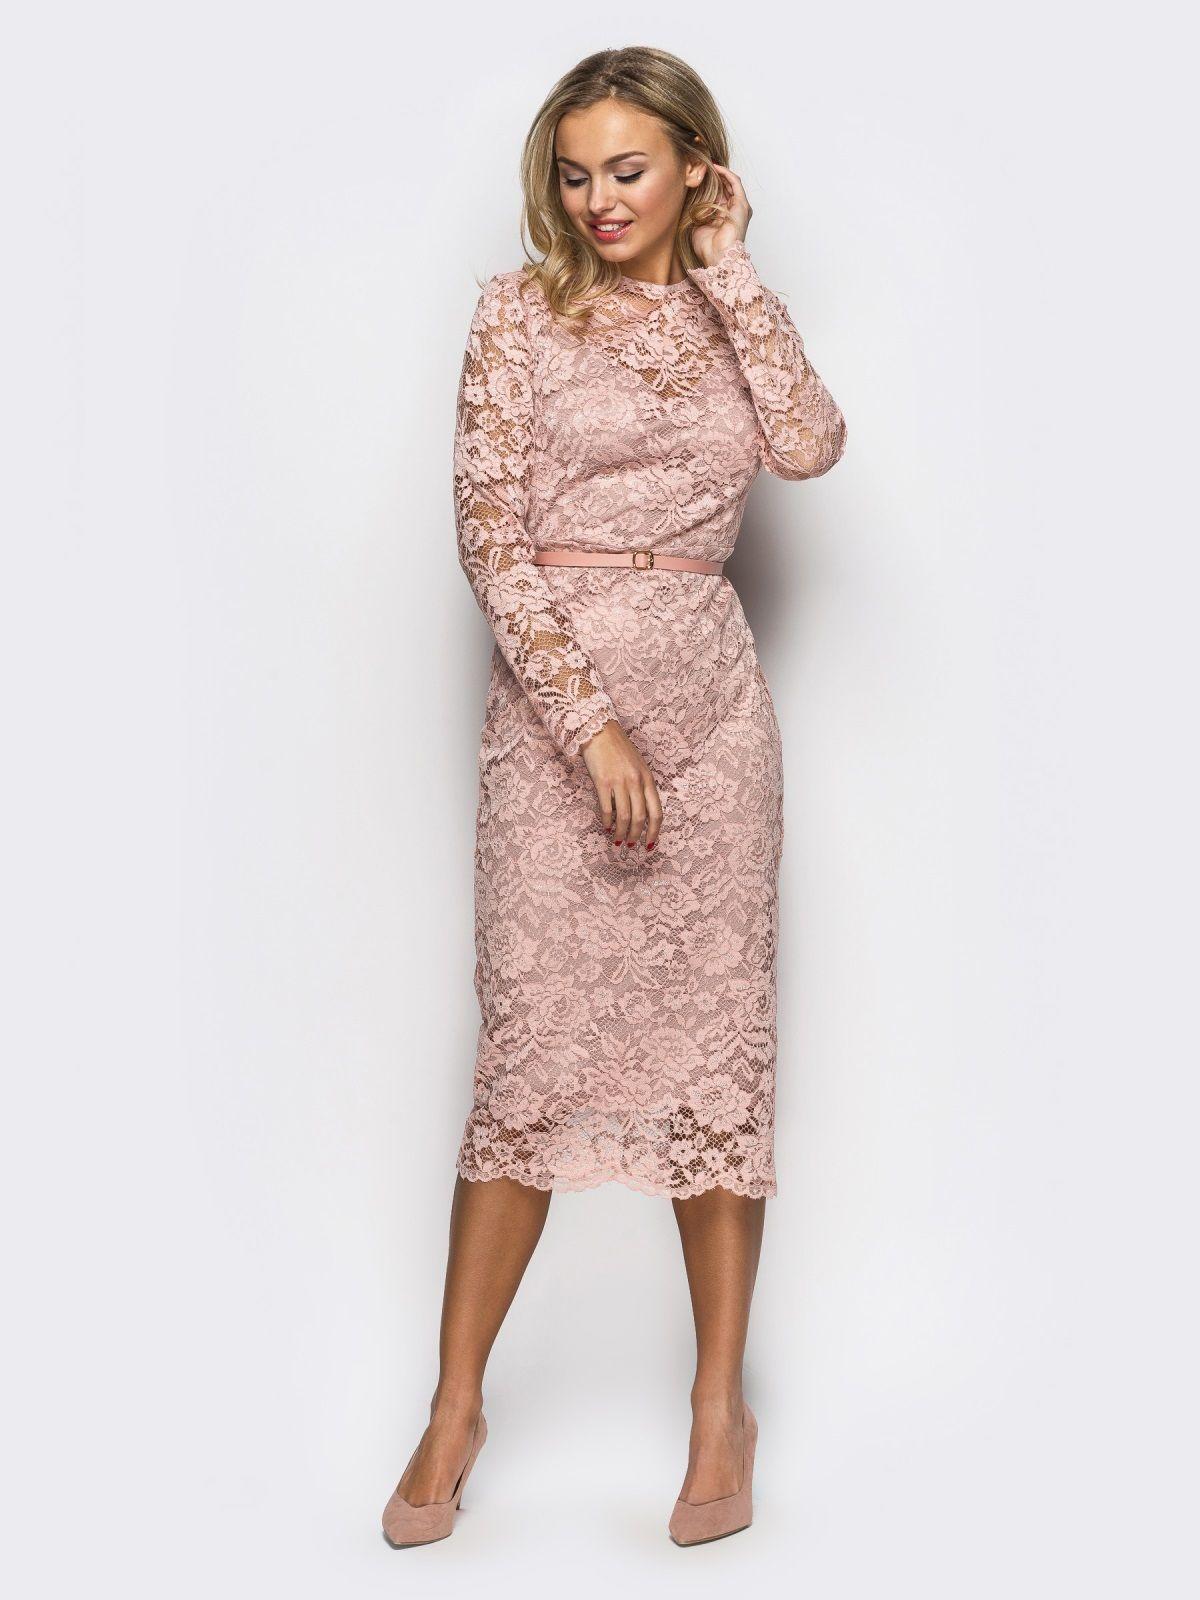 3b75bb971143546 Платье-футляр из нежного гипюра пудрового цвета. Размеры 44, 46 и 48 ...